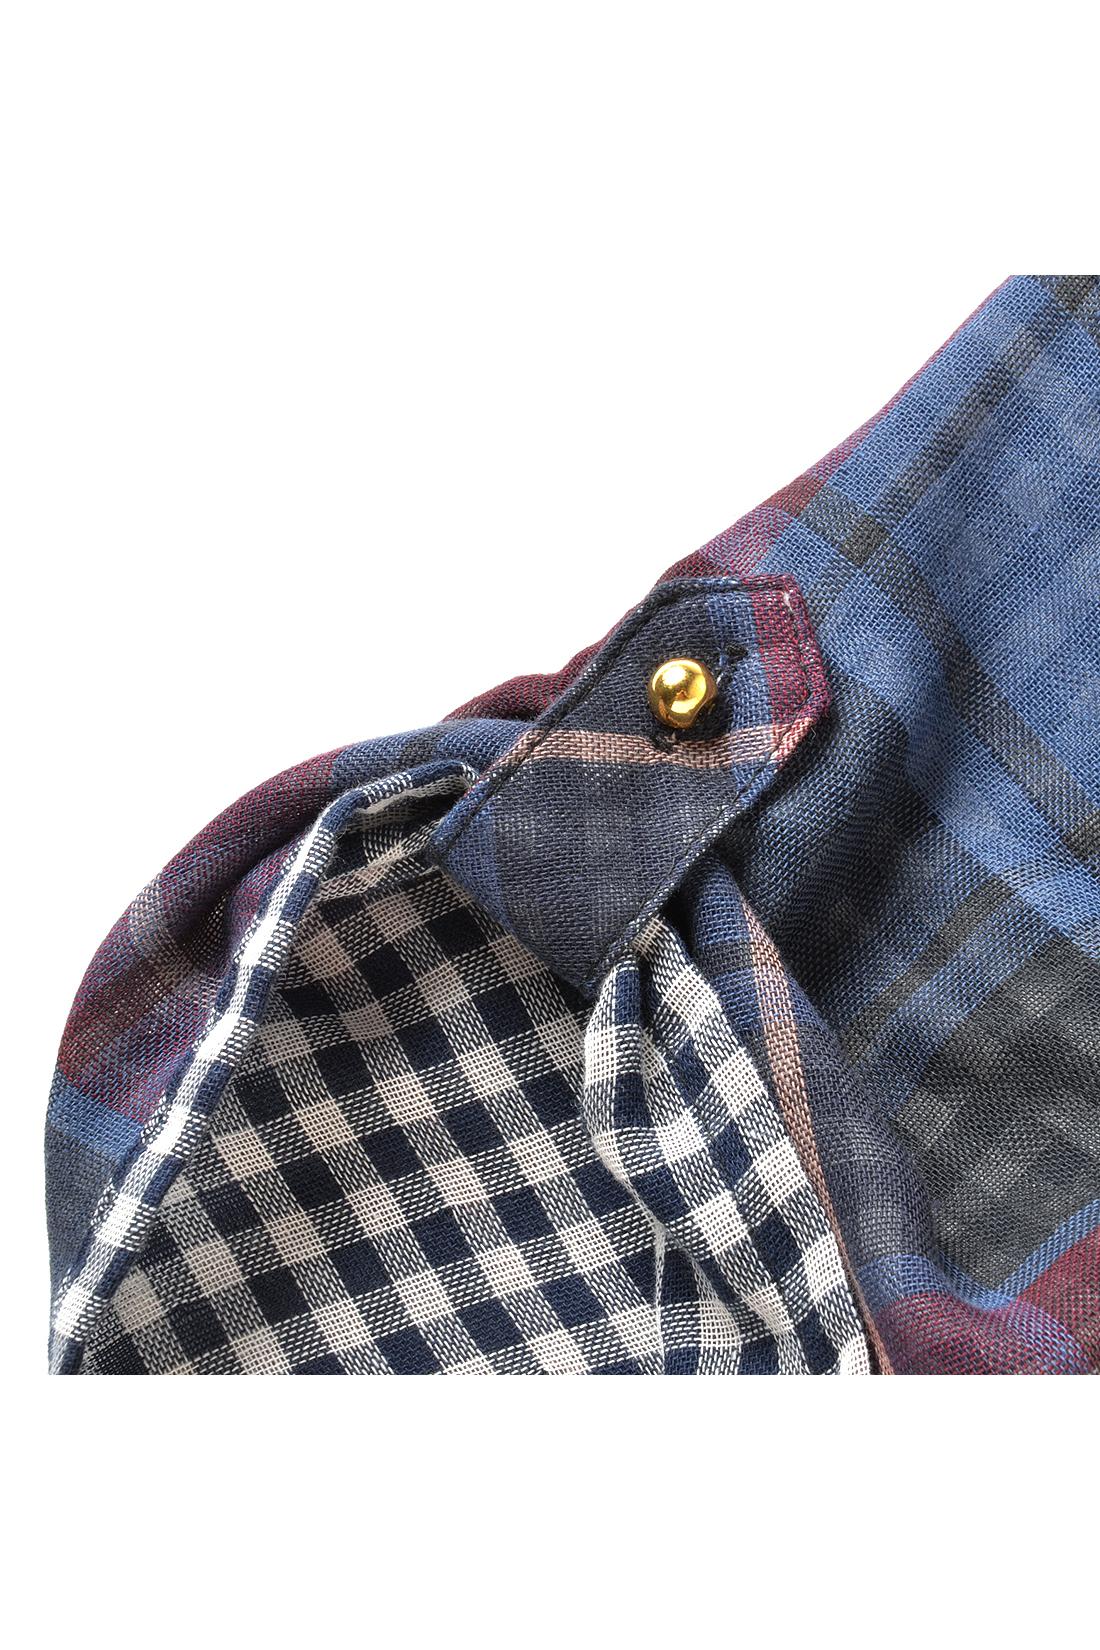 袖はターンアップして表情を変えられる仕様。伸ばせばシンプルに。着こなしに応じてアレンジしてみて。